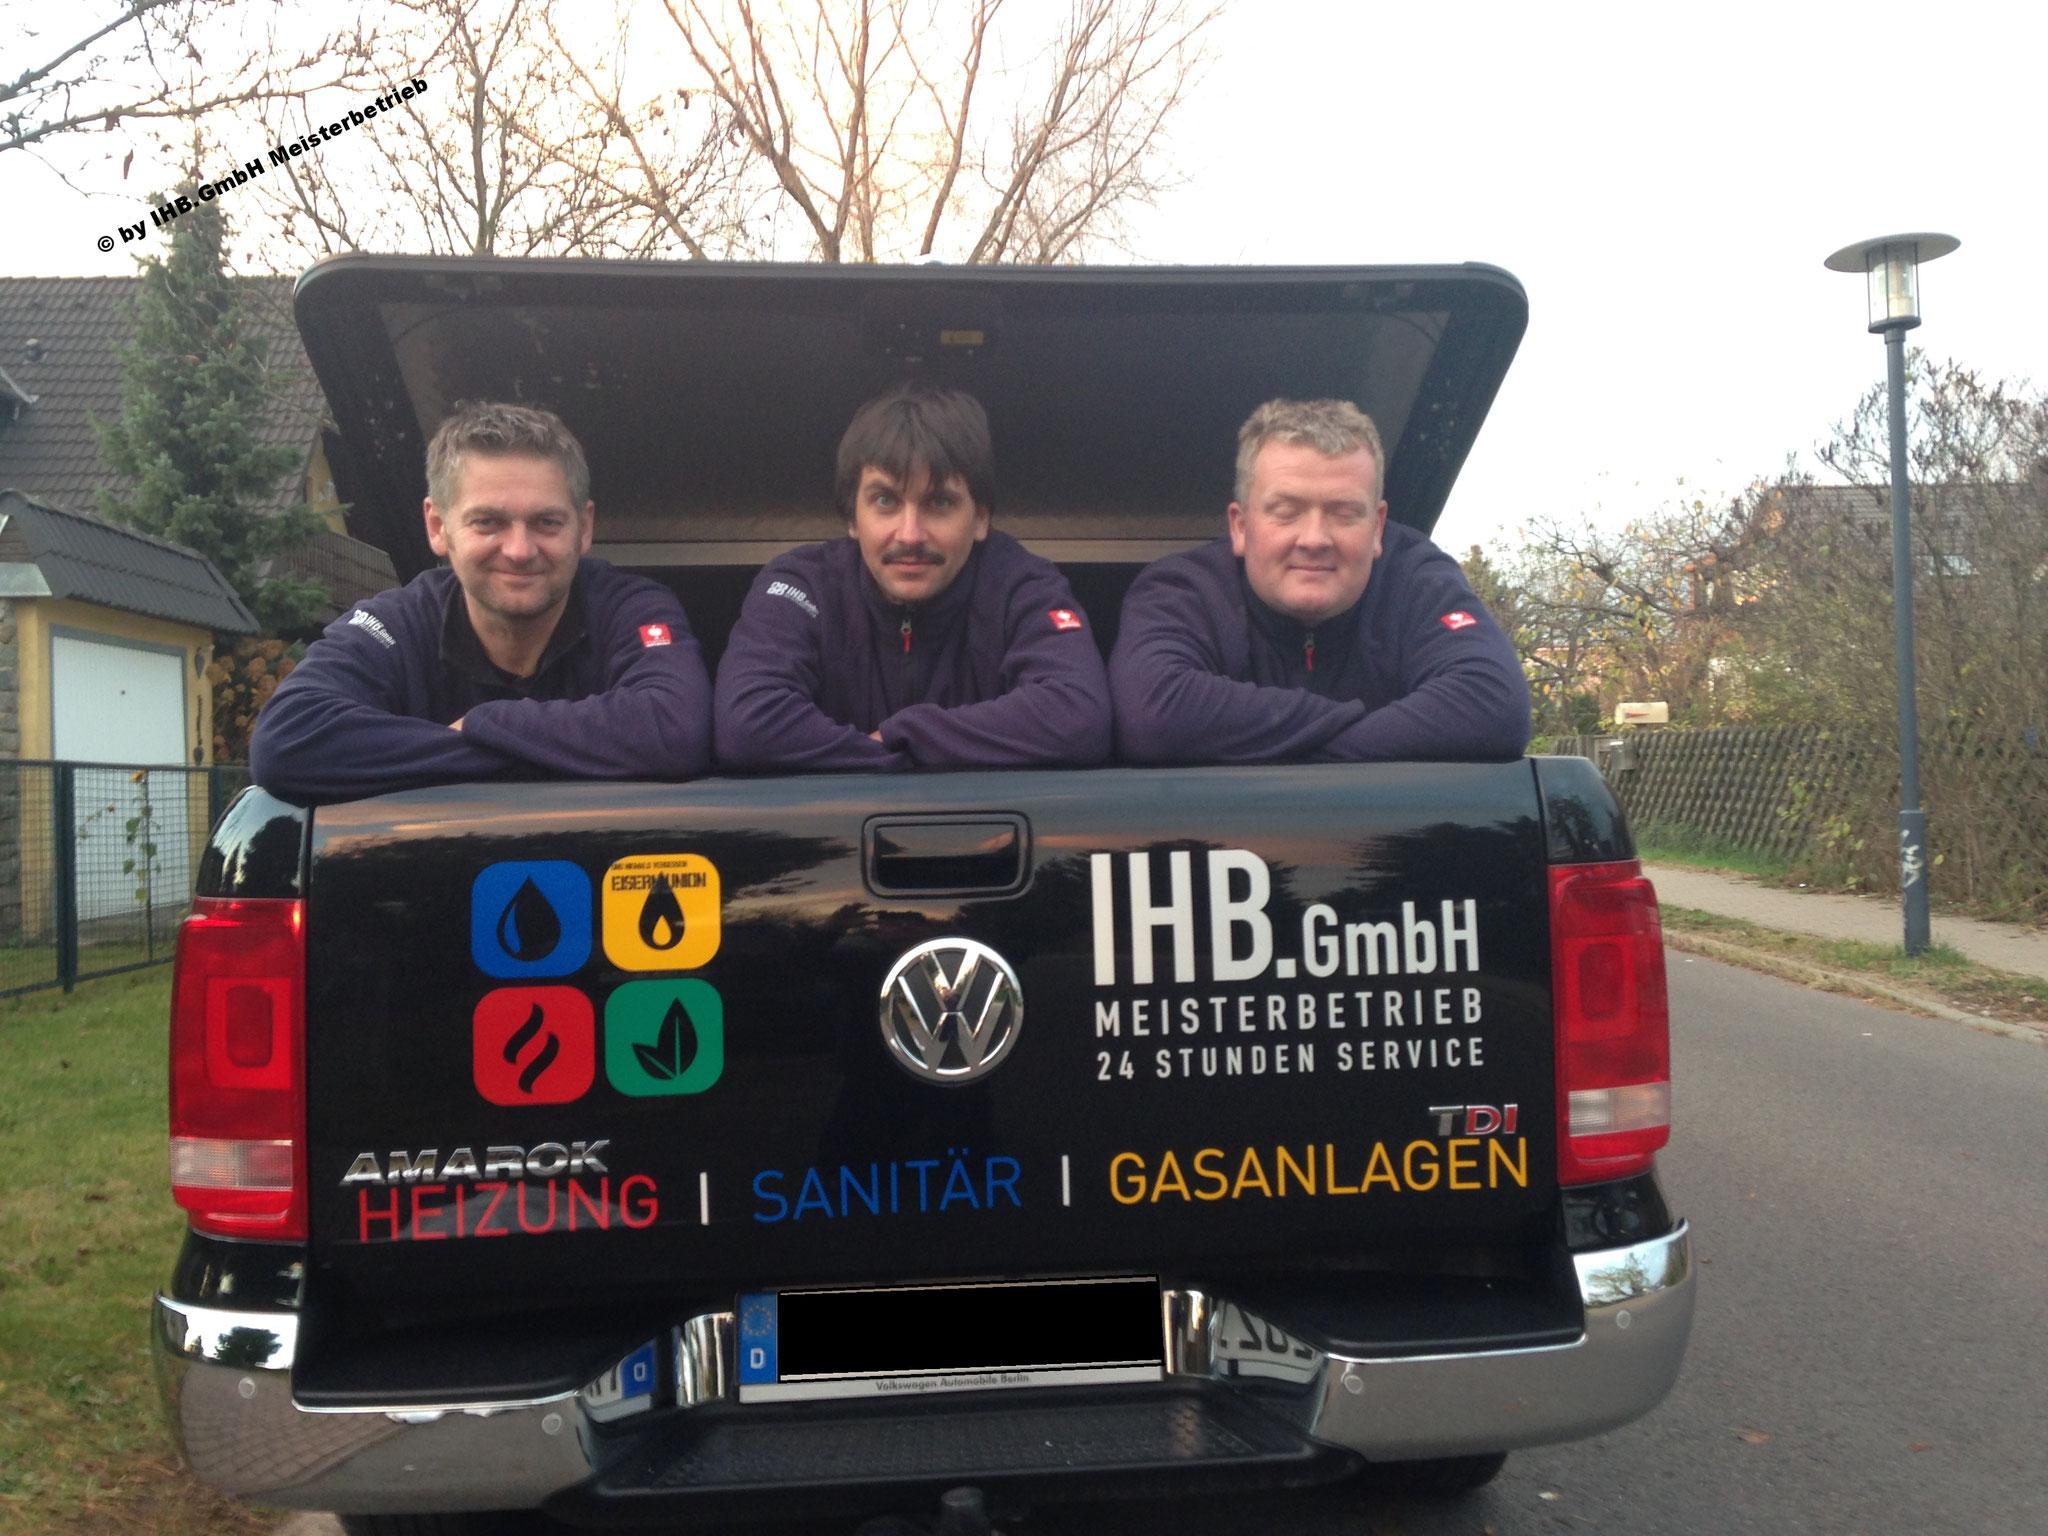 Bauleitung - Gemeinsam zum Erfolg - IHB.GmbH Meisterbetrieb